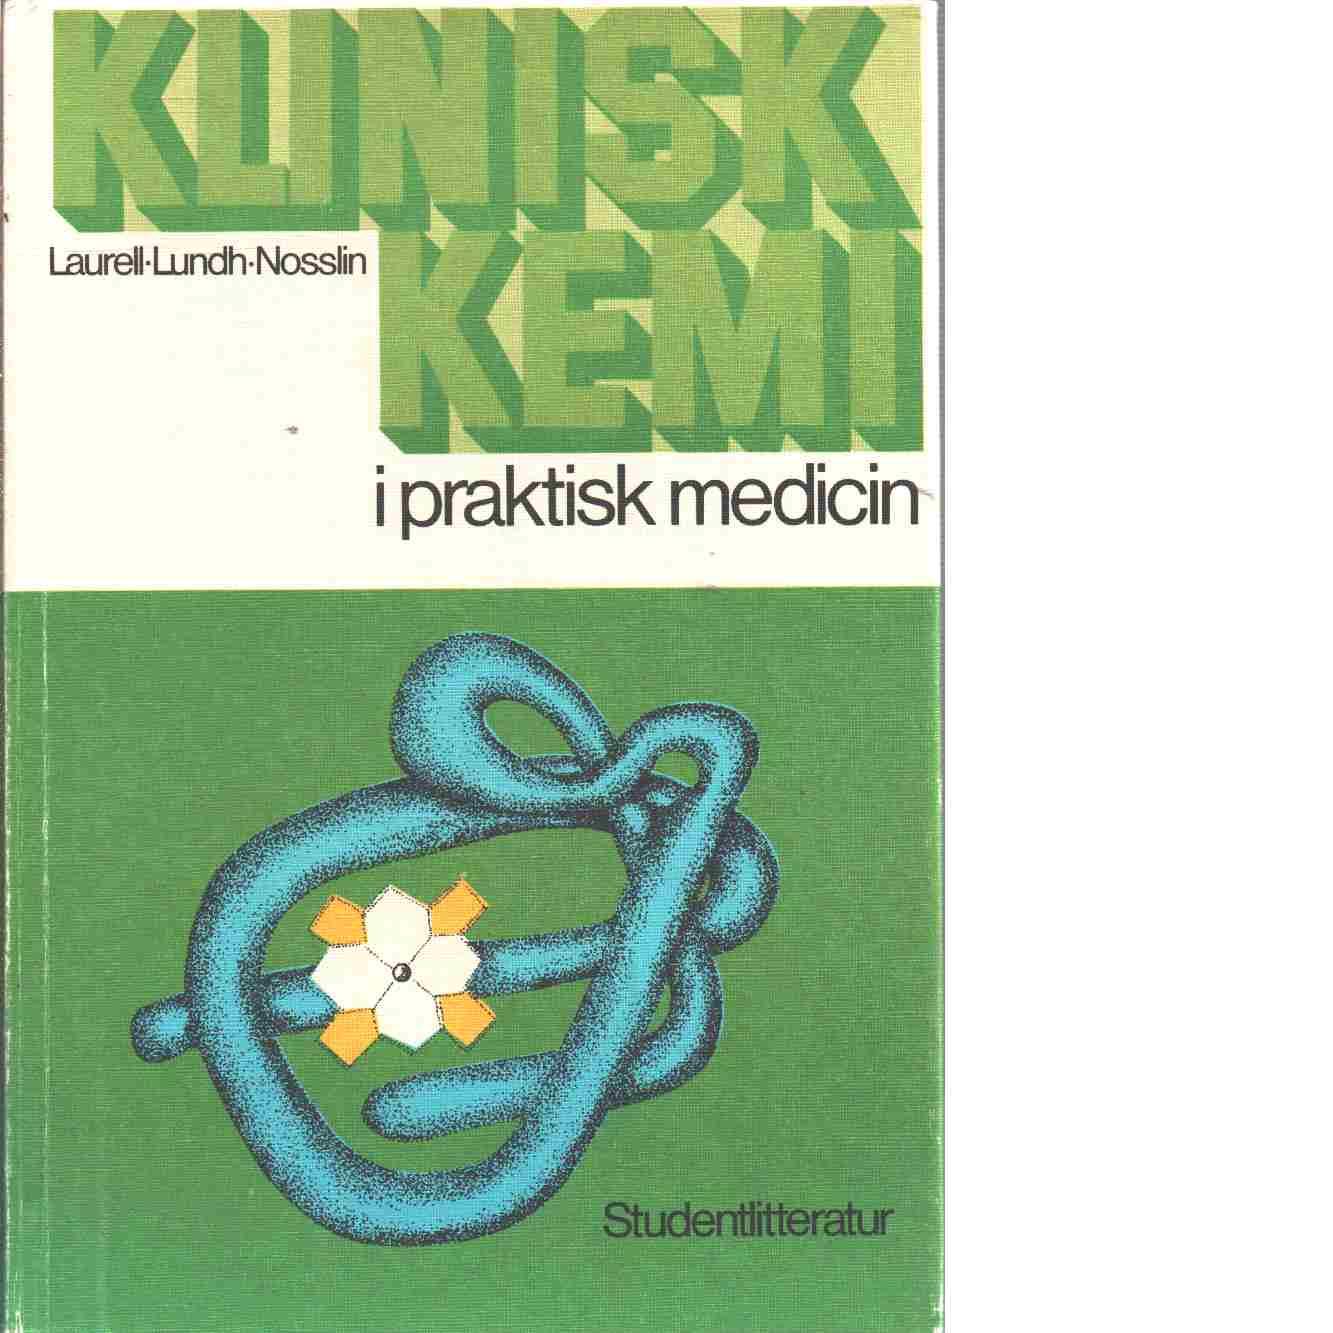 Klinisk kemi i praktisk medicin - Laurell, Carl-Bertil och Lundh, Bengt samt Nosslin, Bertil